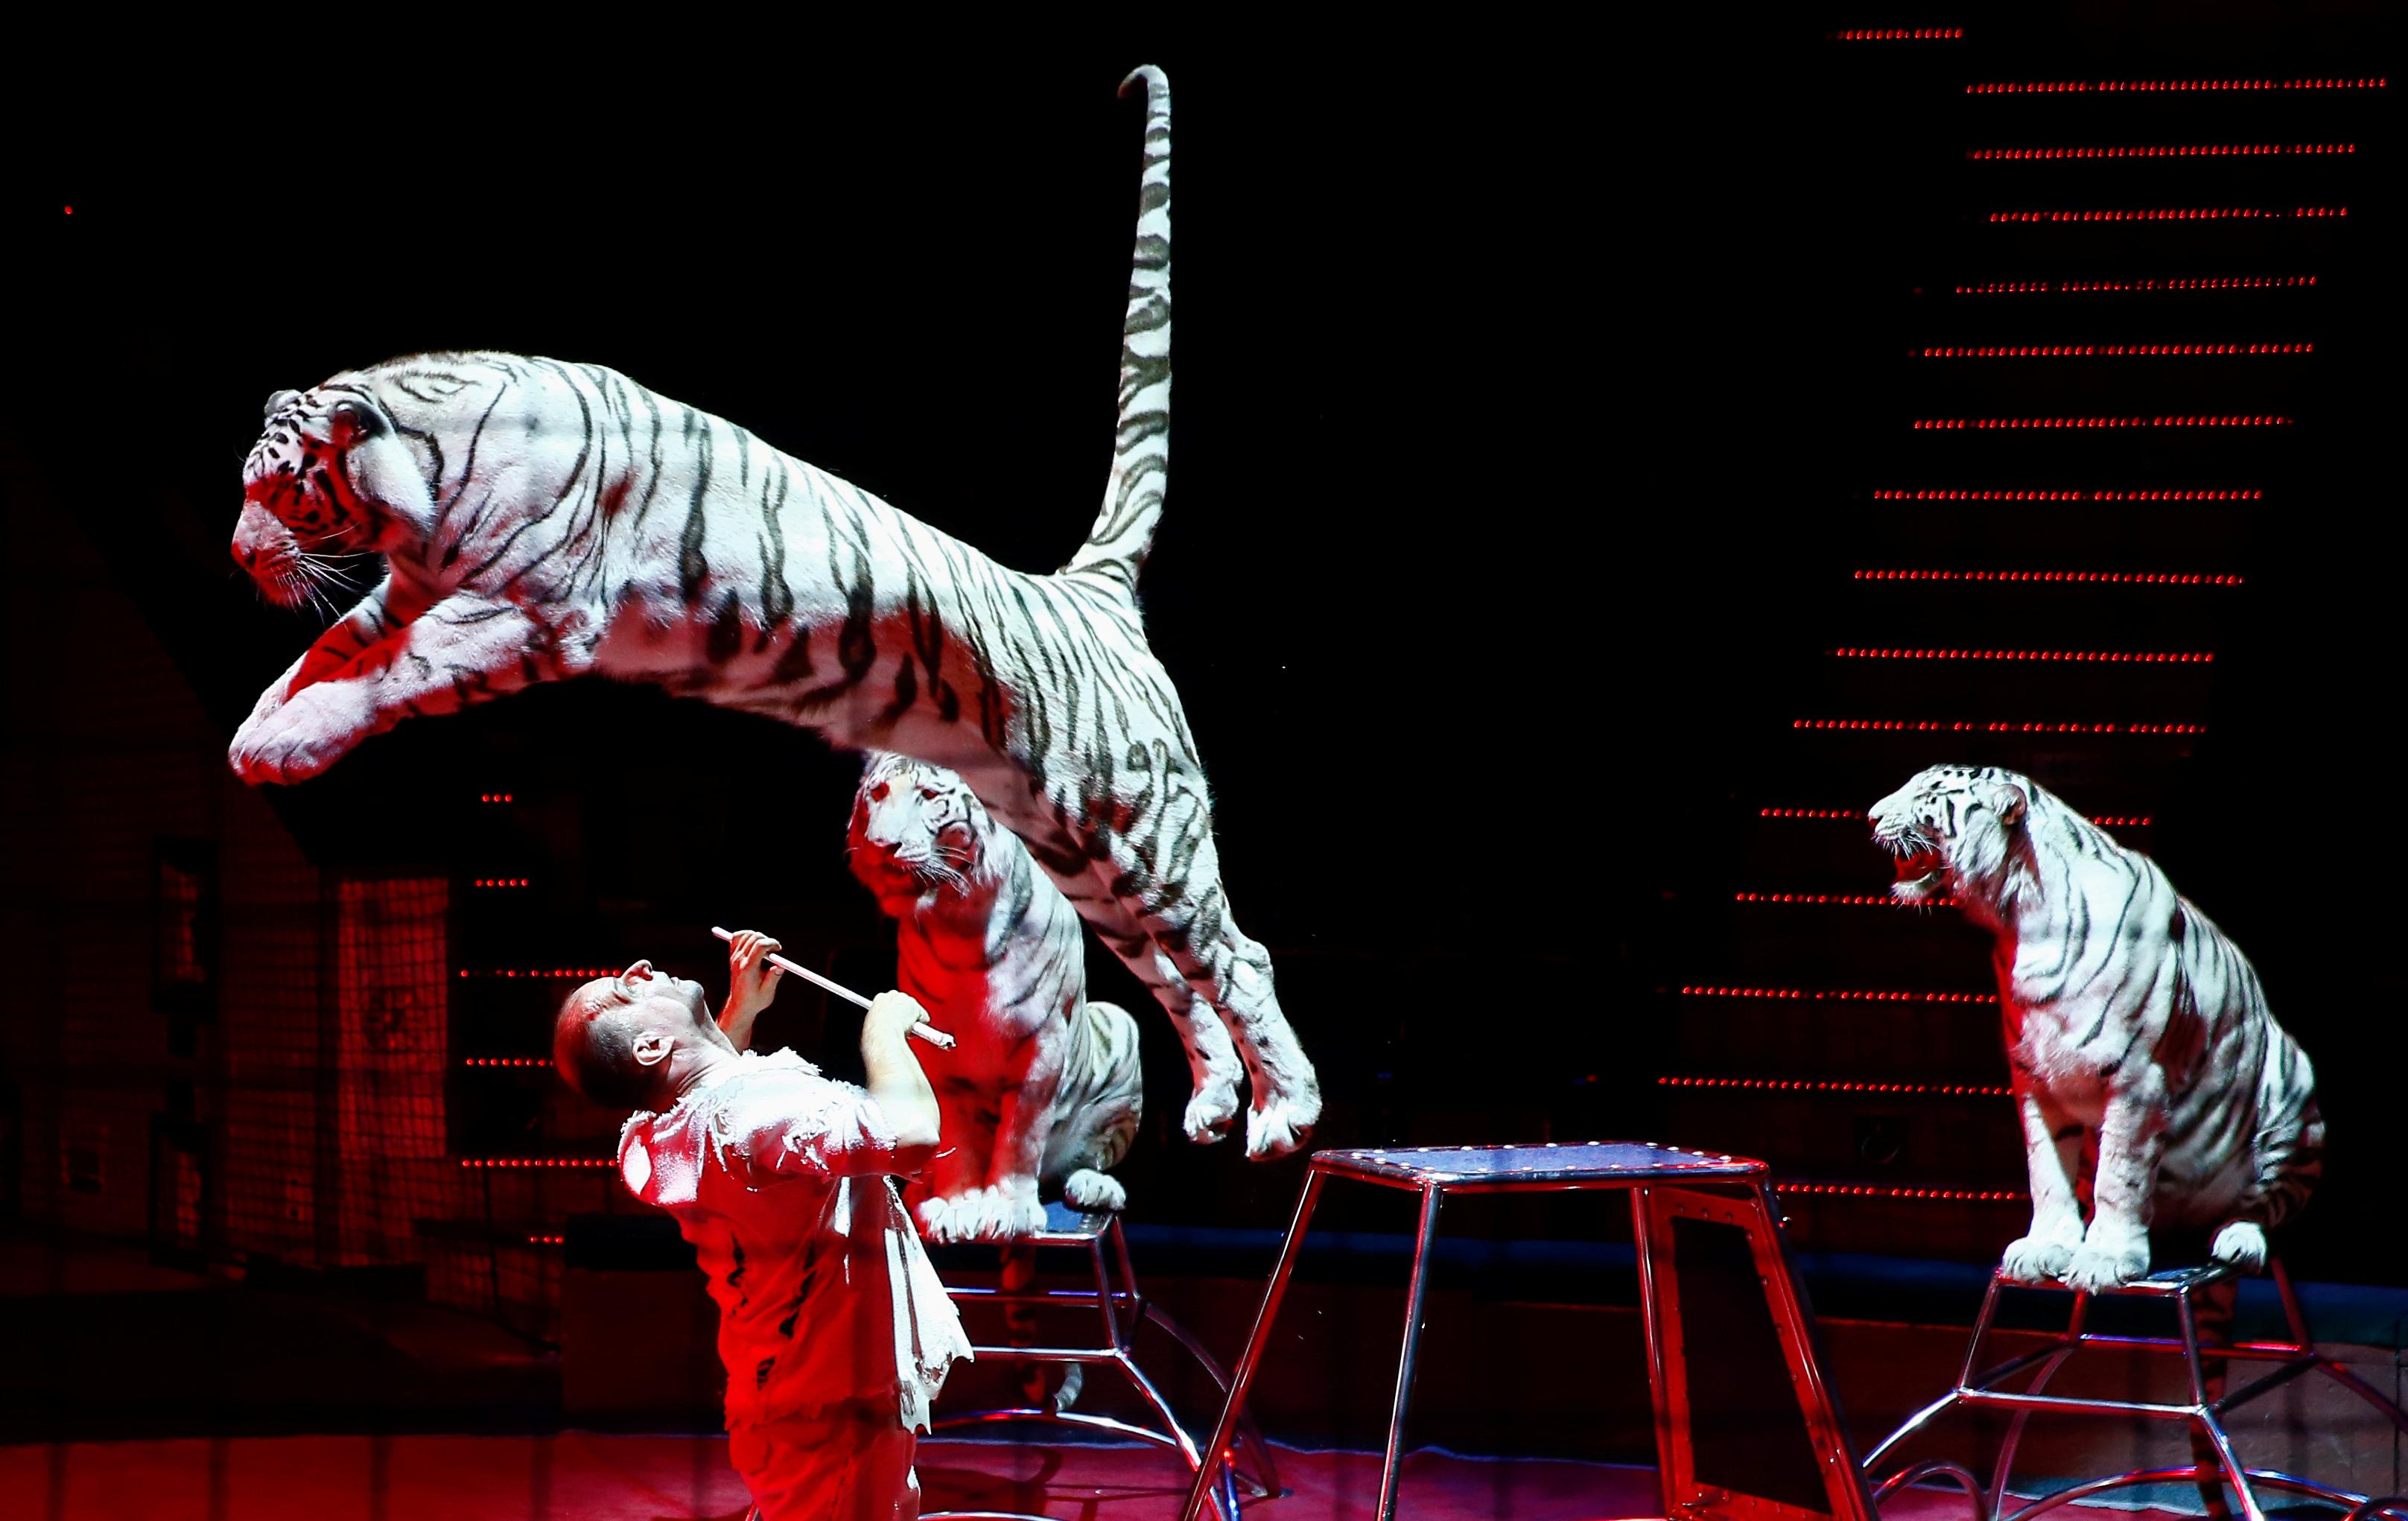 Ιταλία: Τίγρεις σε τσίρκο κατασπάραξαν τον θηριοδαμαστή τους